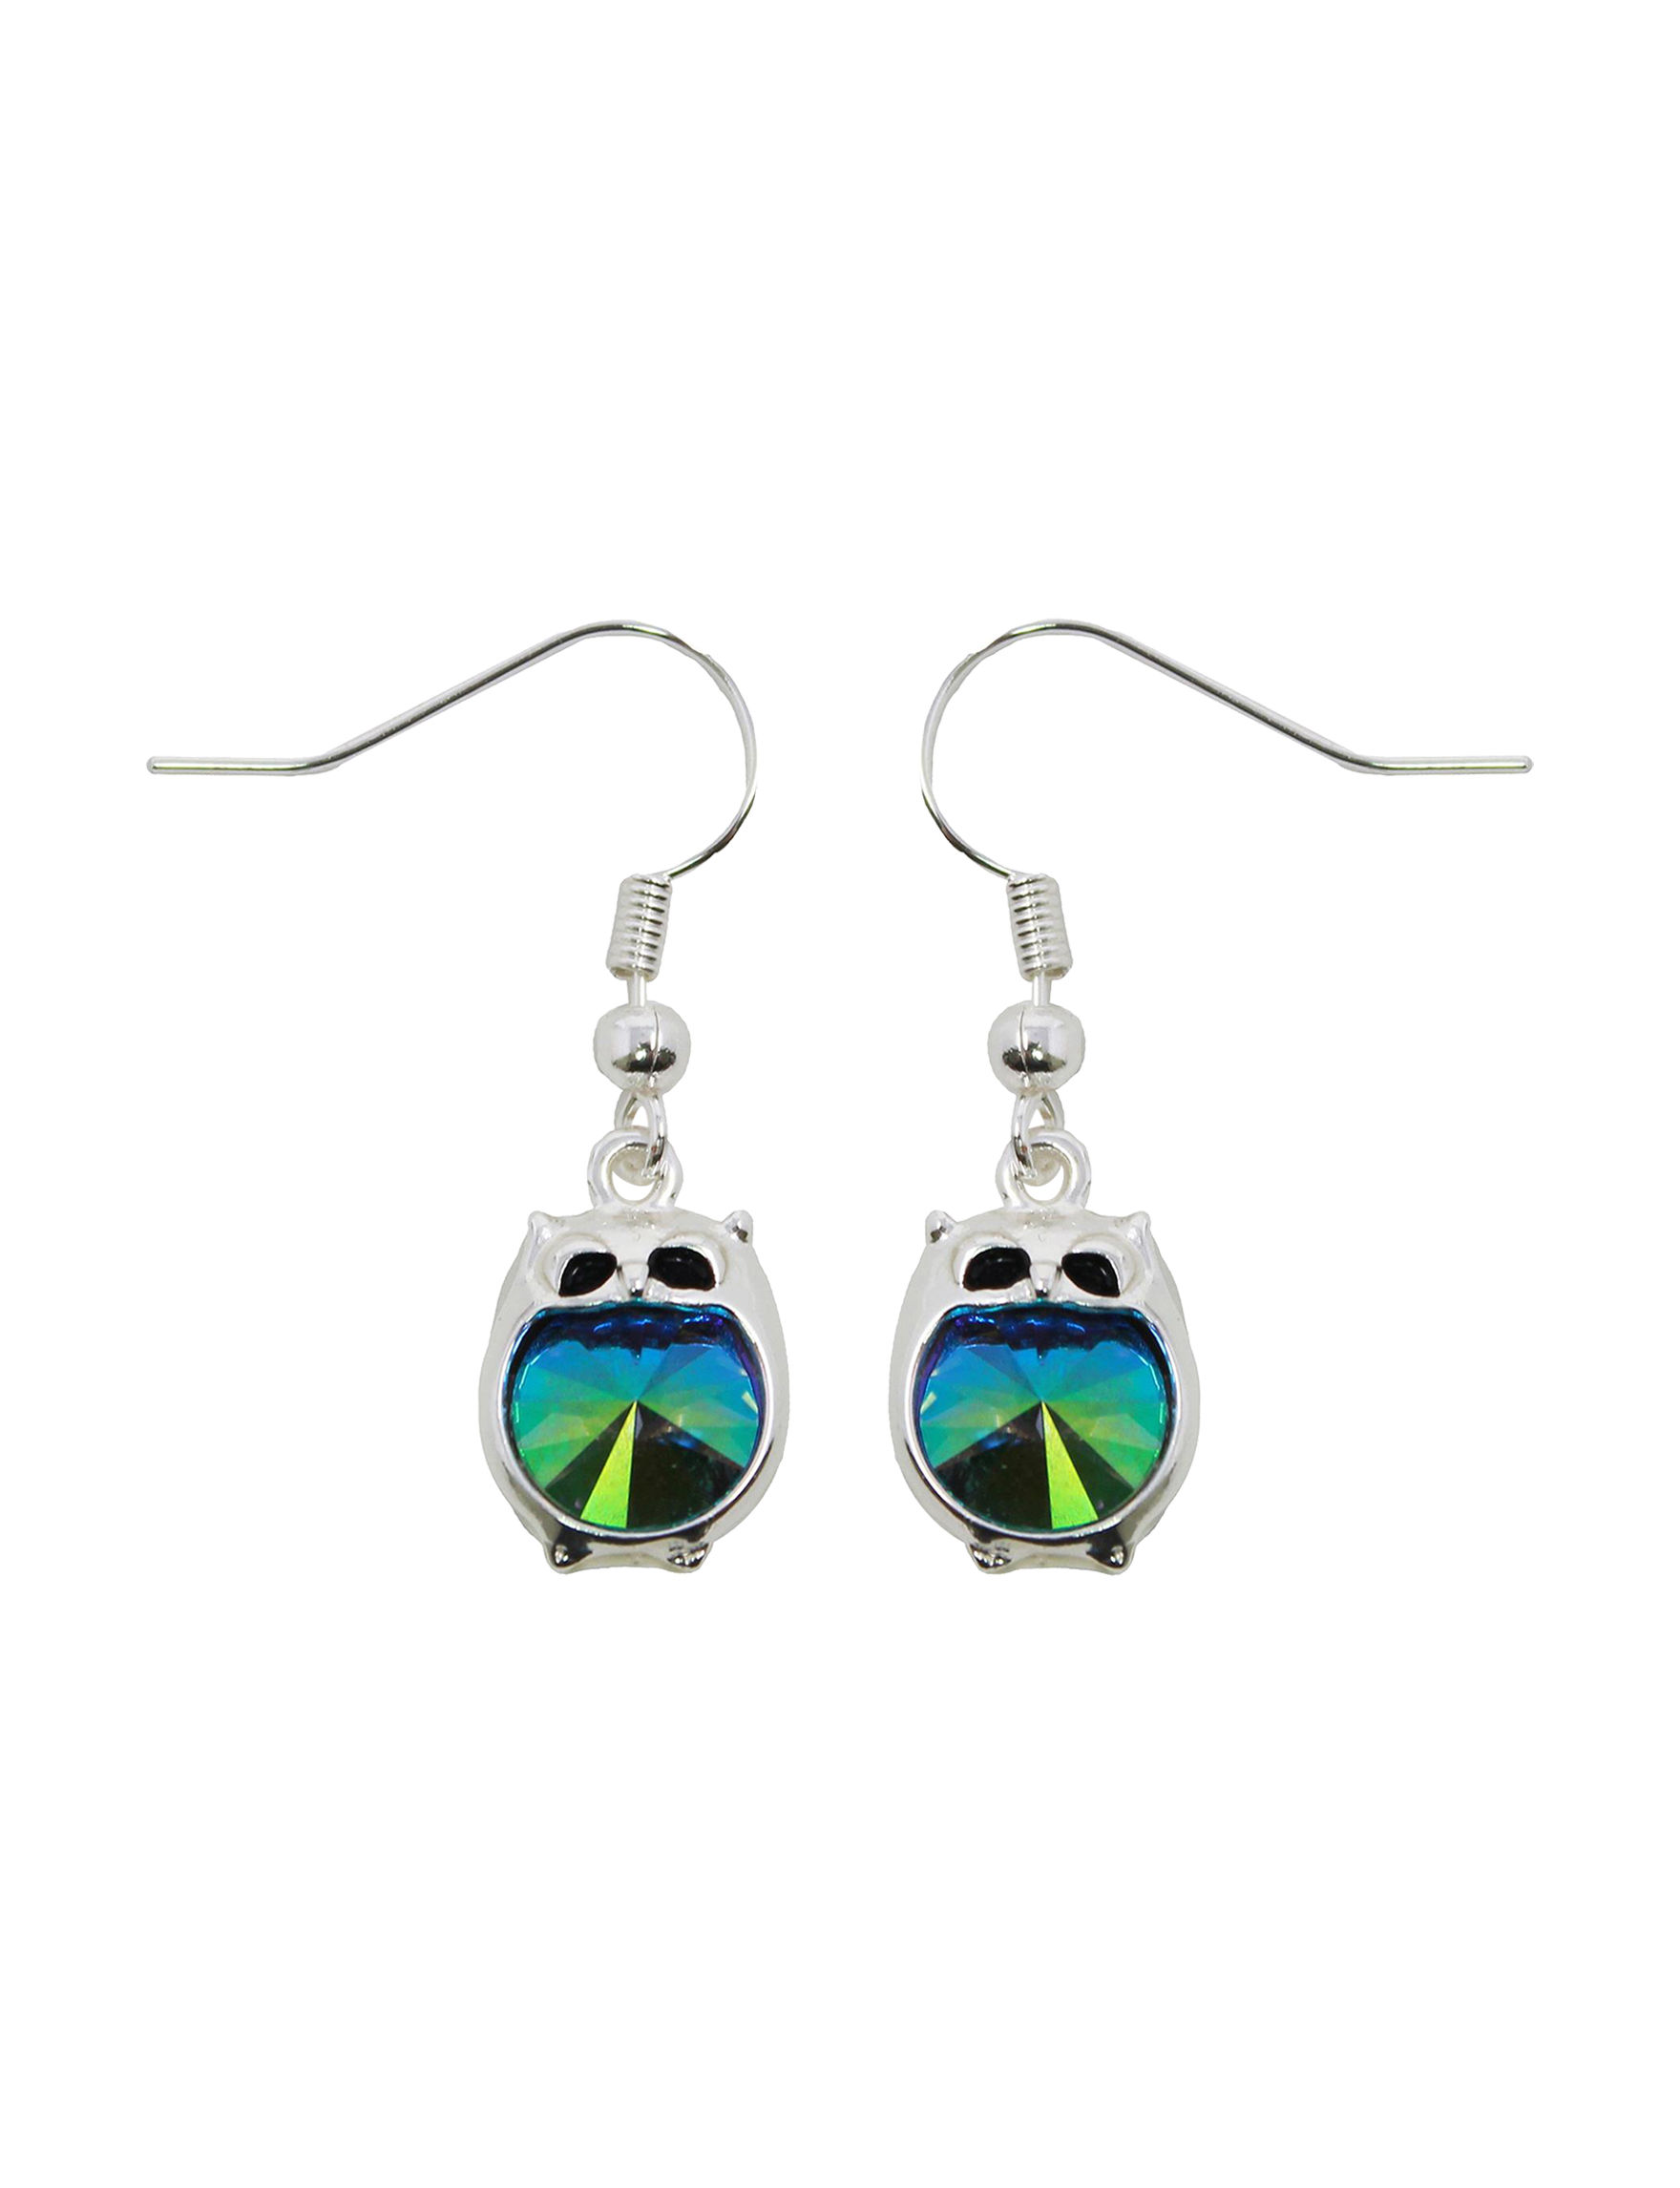 L & J Blue Crystal Drops Earrings Fine Jewelry